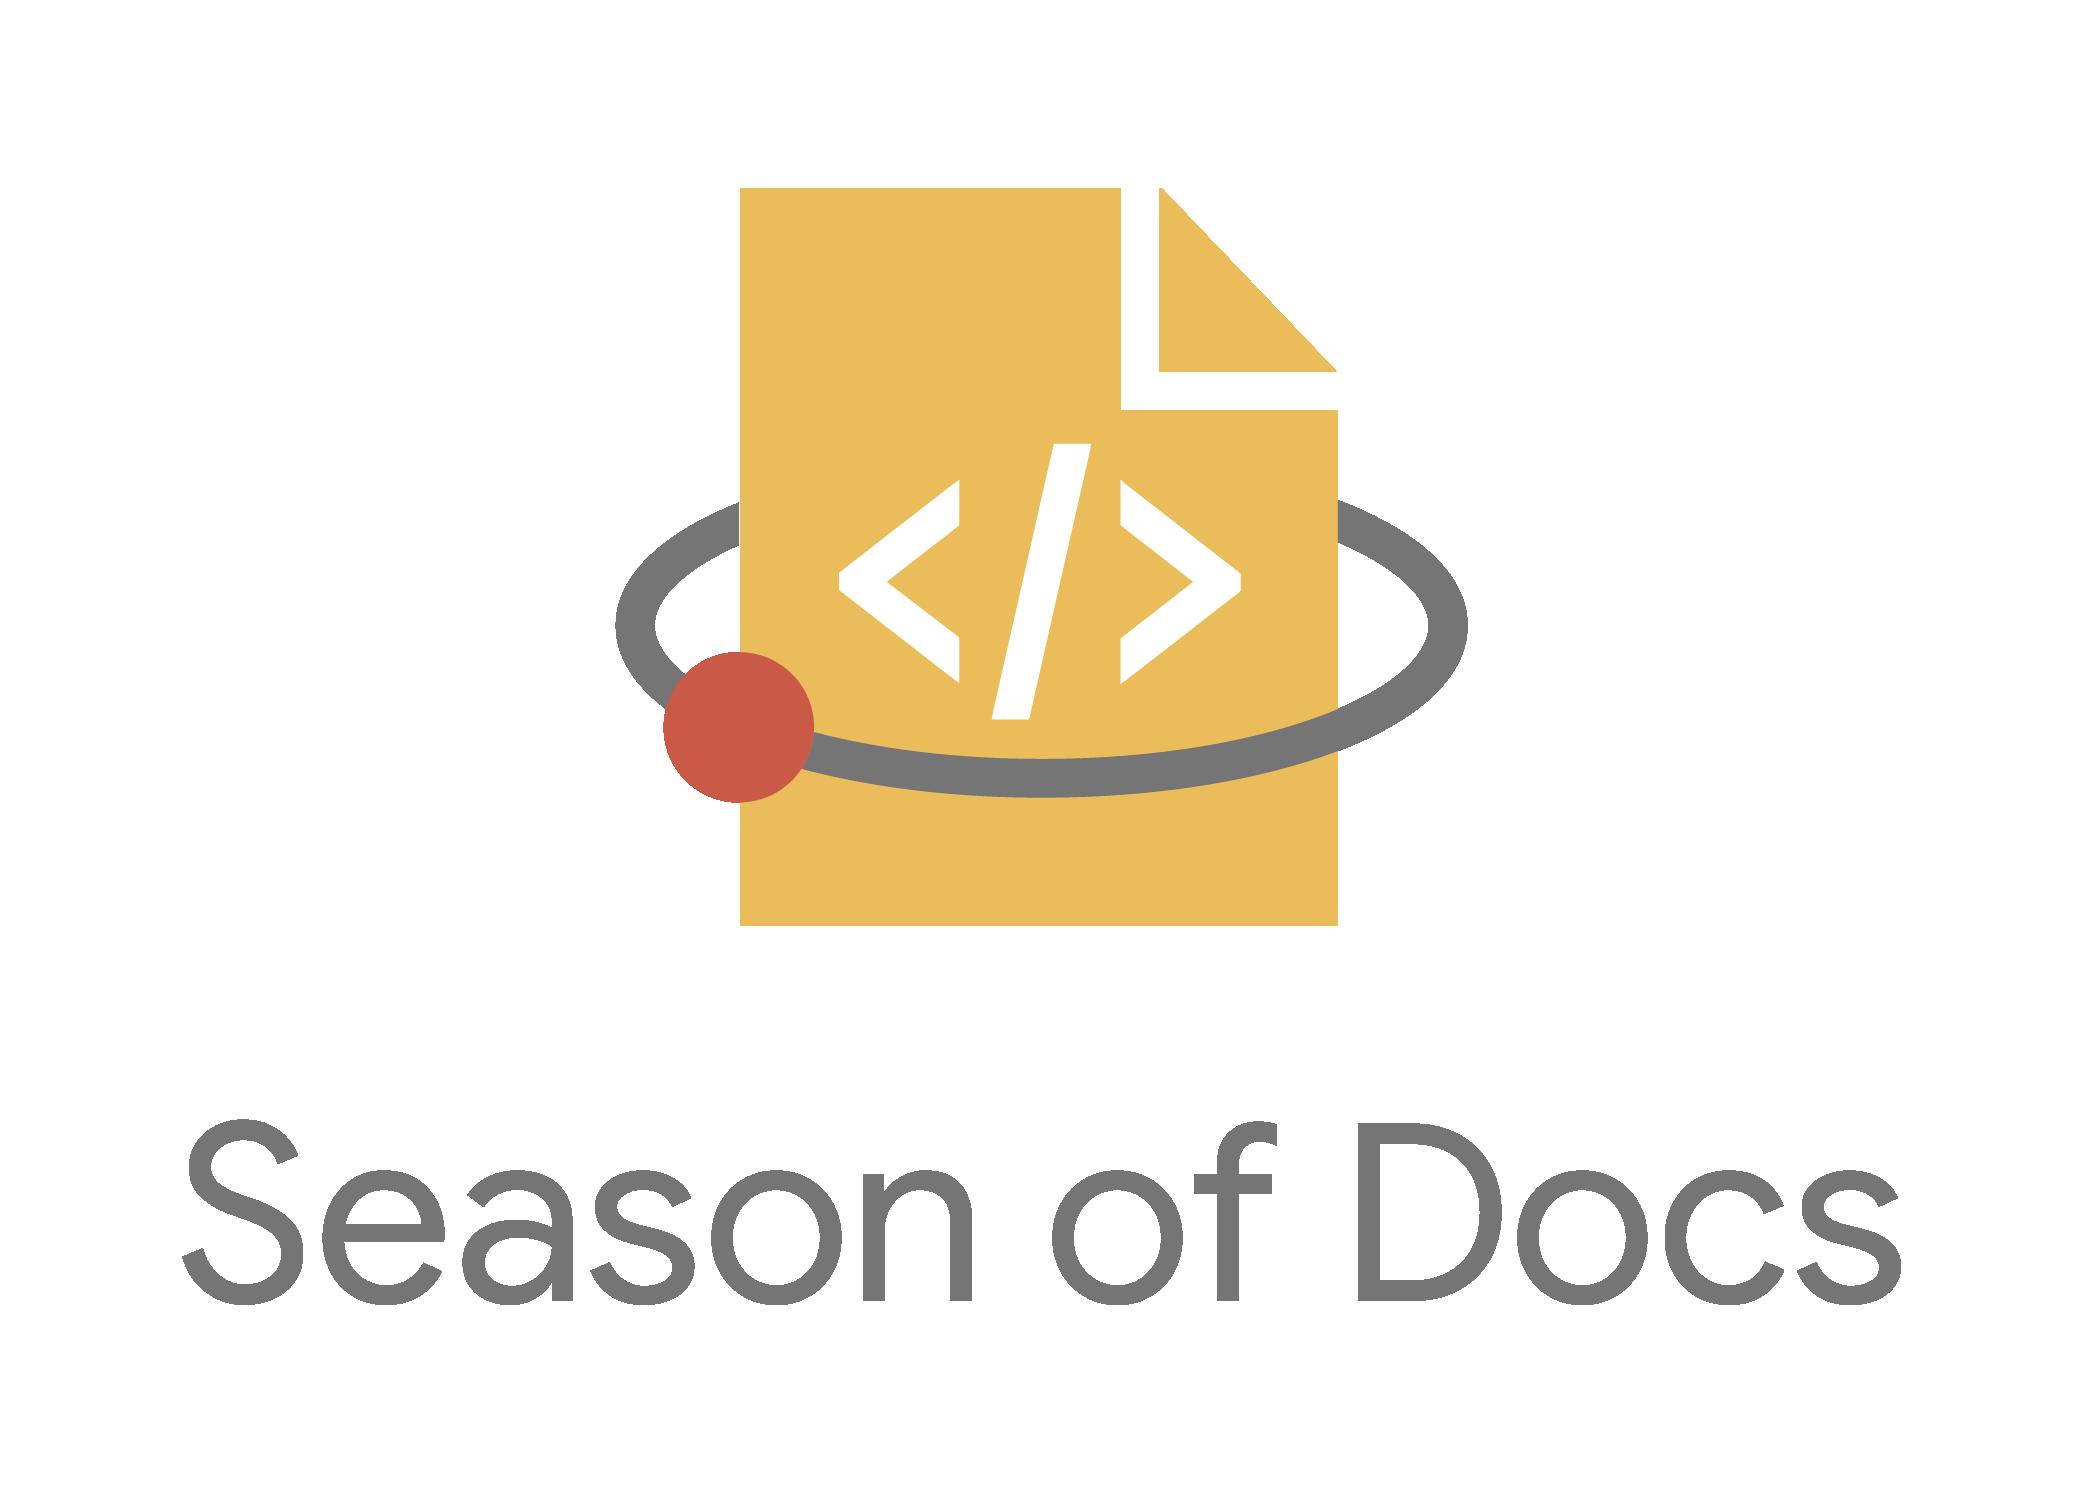 Season of Docs Retro